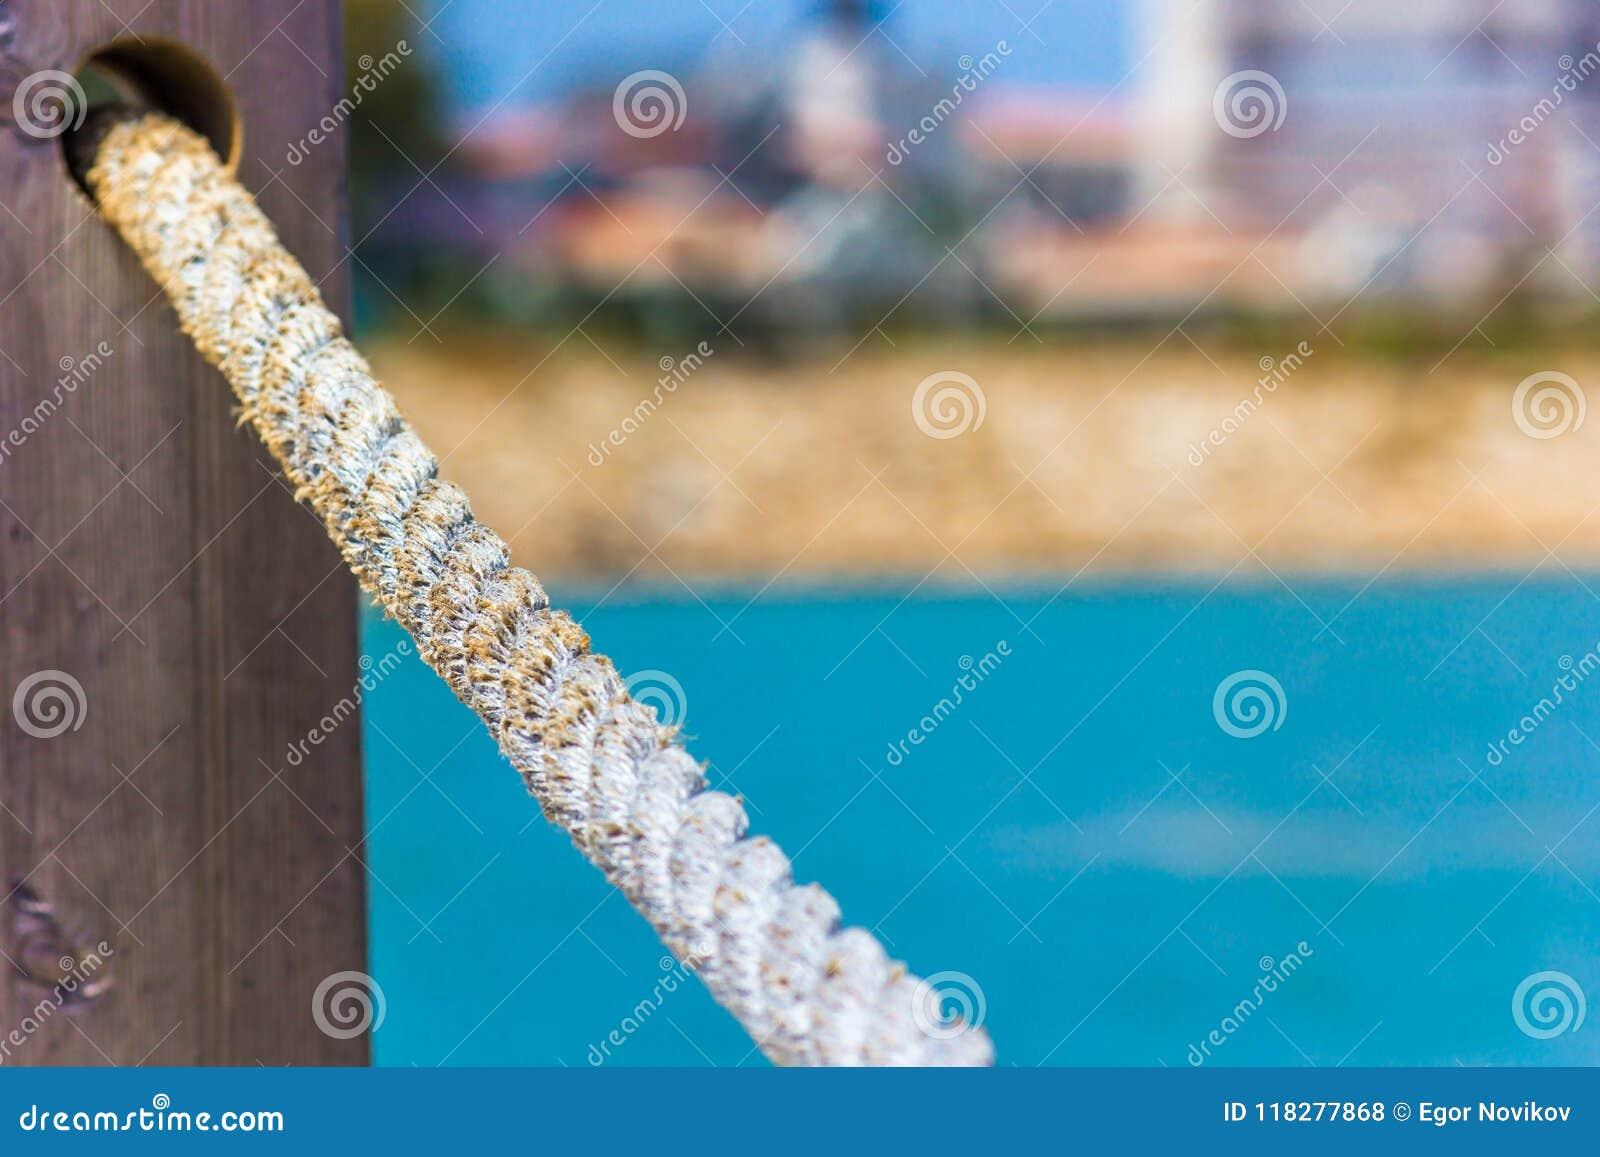 Rope les balustrades faites en corde contre la mer bleue, plan rapproché